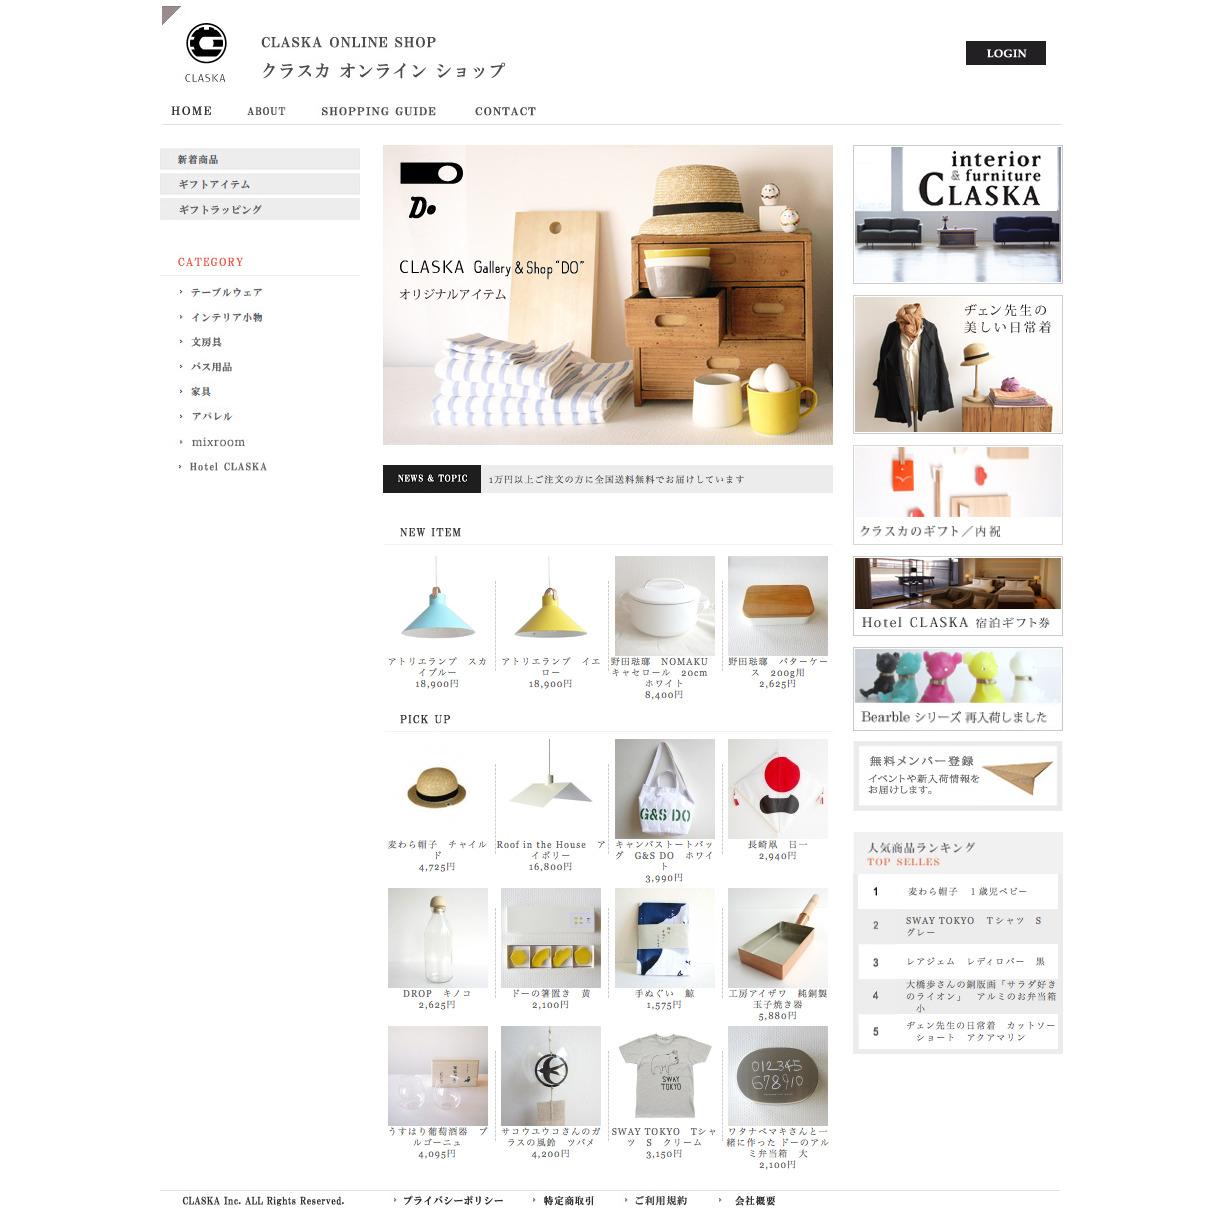 CLASKA Online Shop